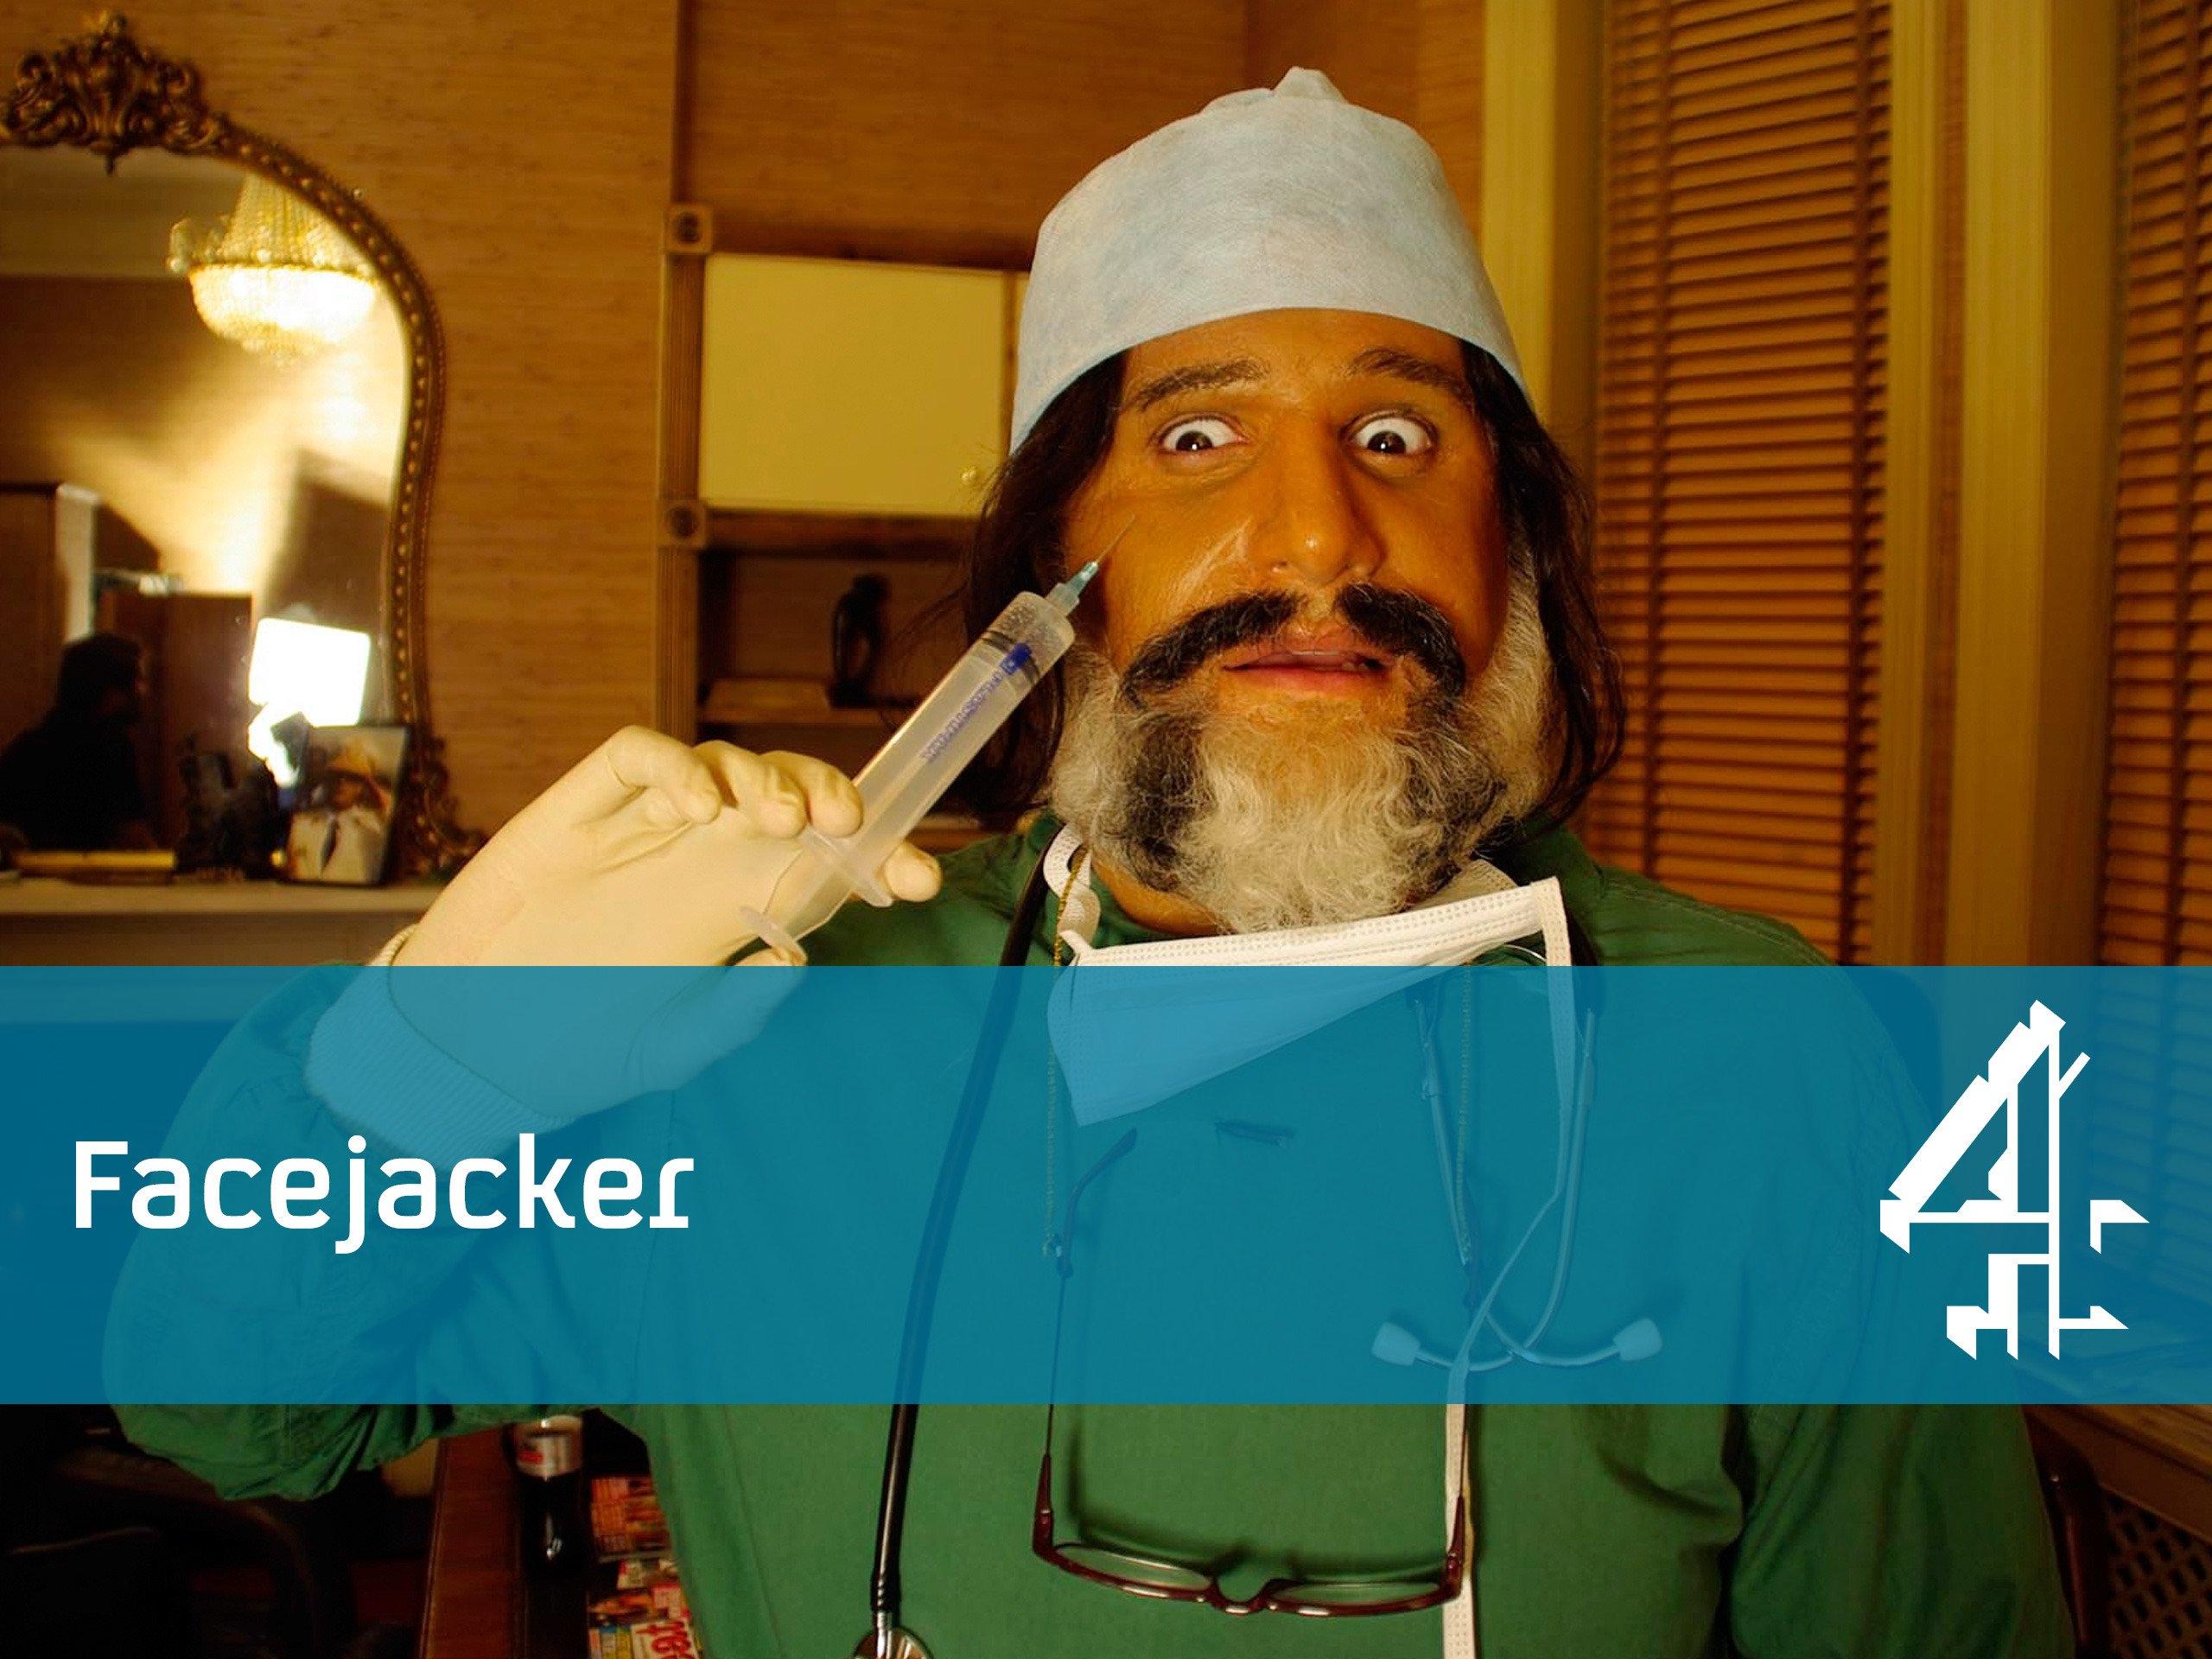 facejacker terry tibbs dating agentur italienske dating traditioner